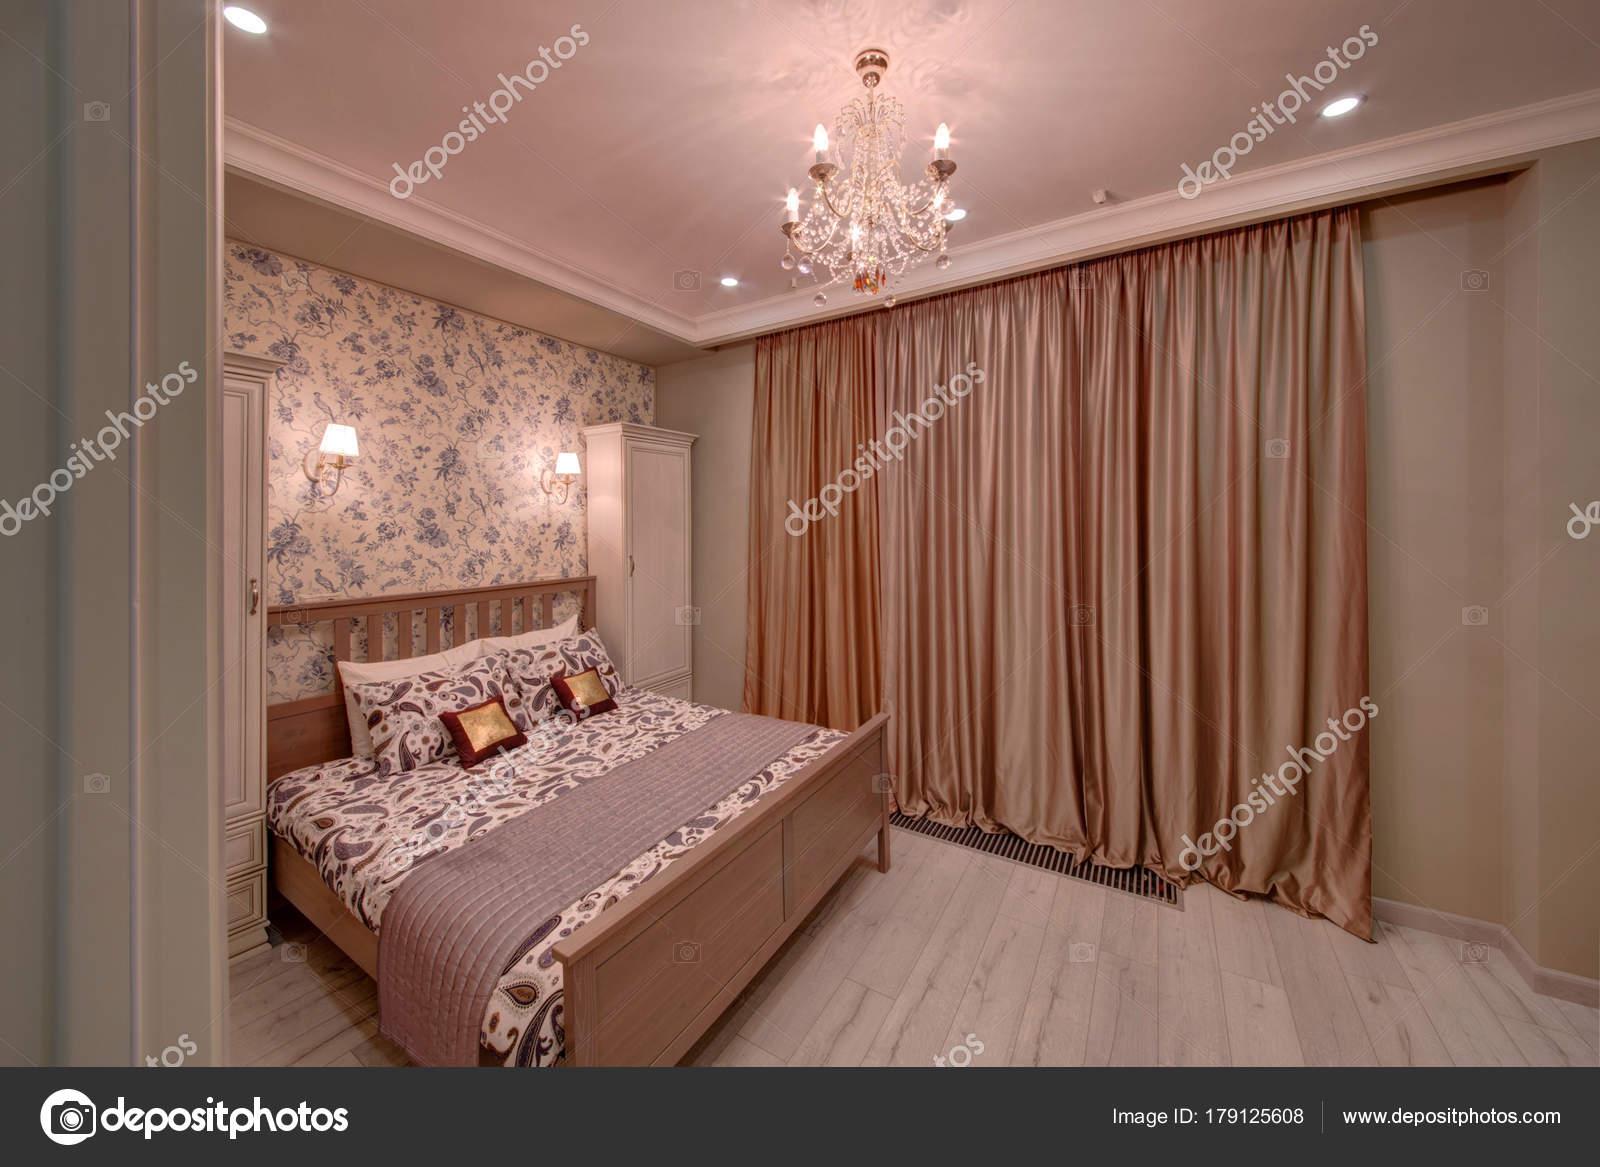 crme slaapkamer met gordijnen een bed stockfoto